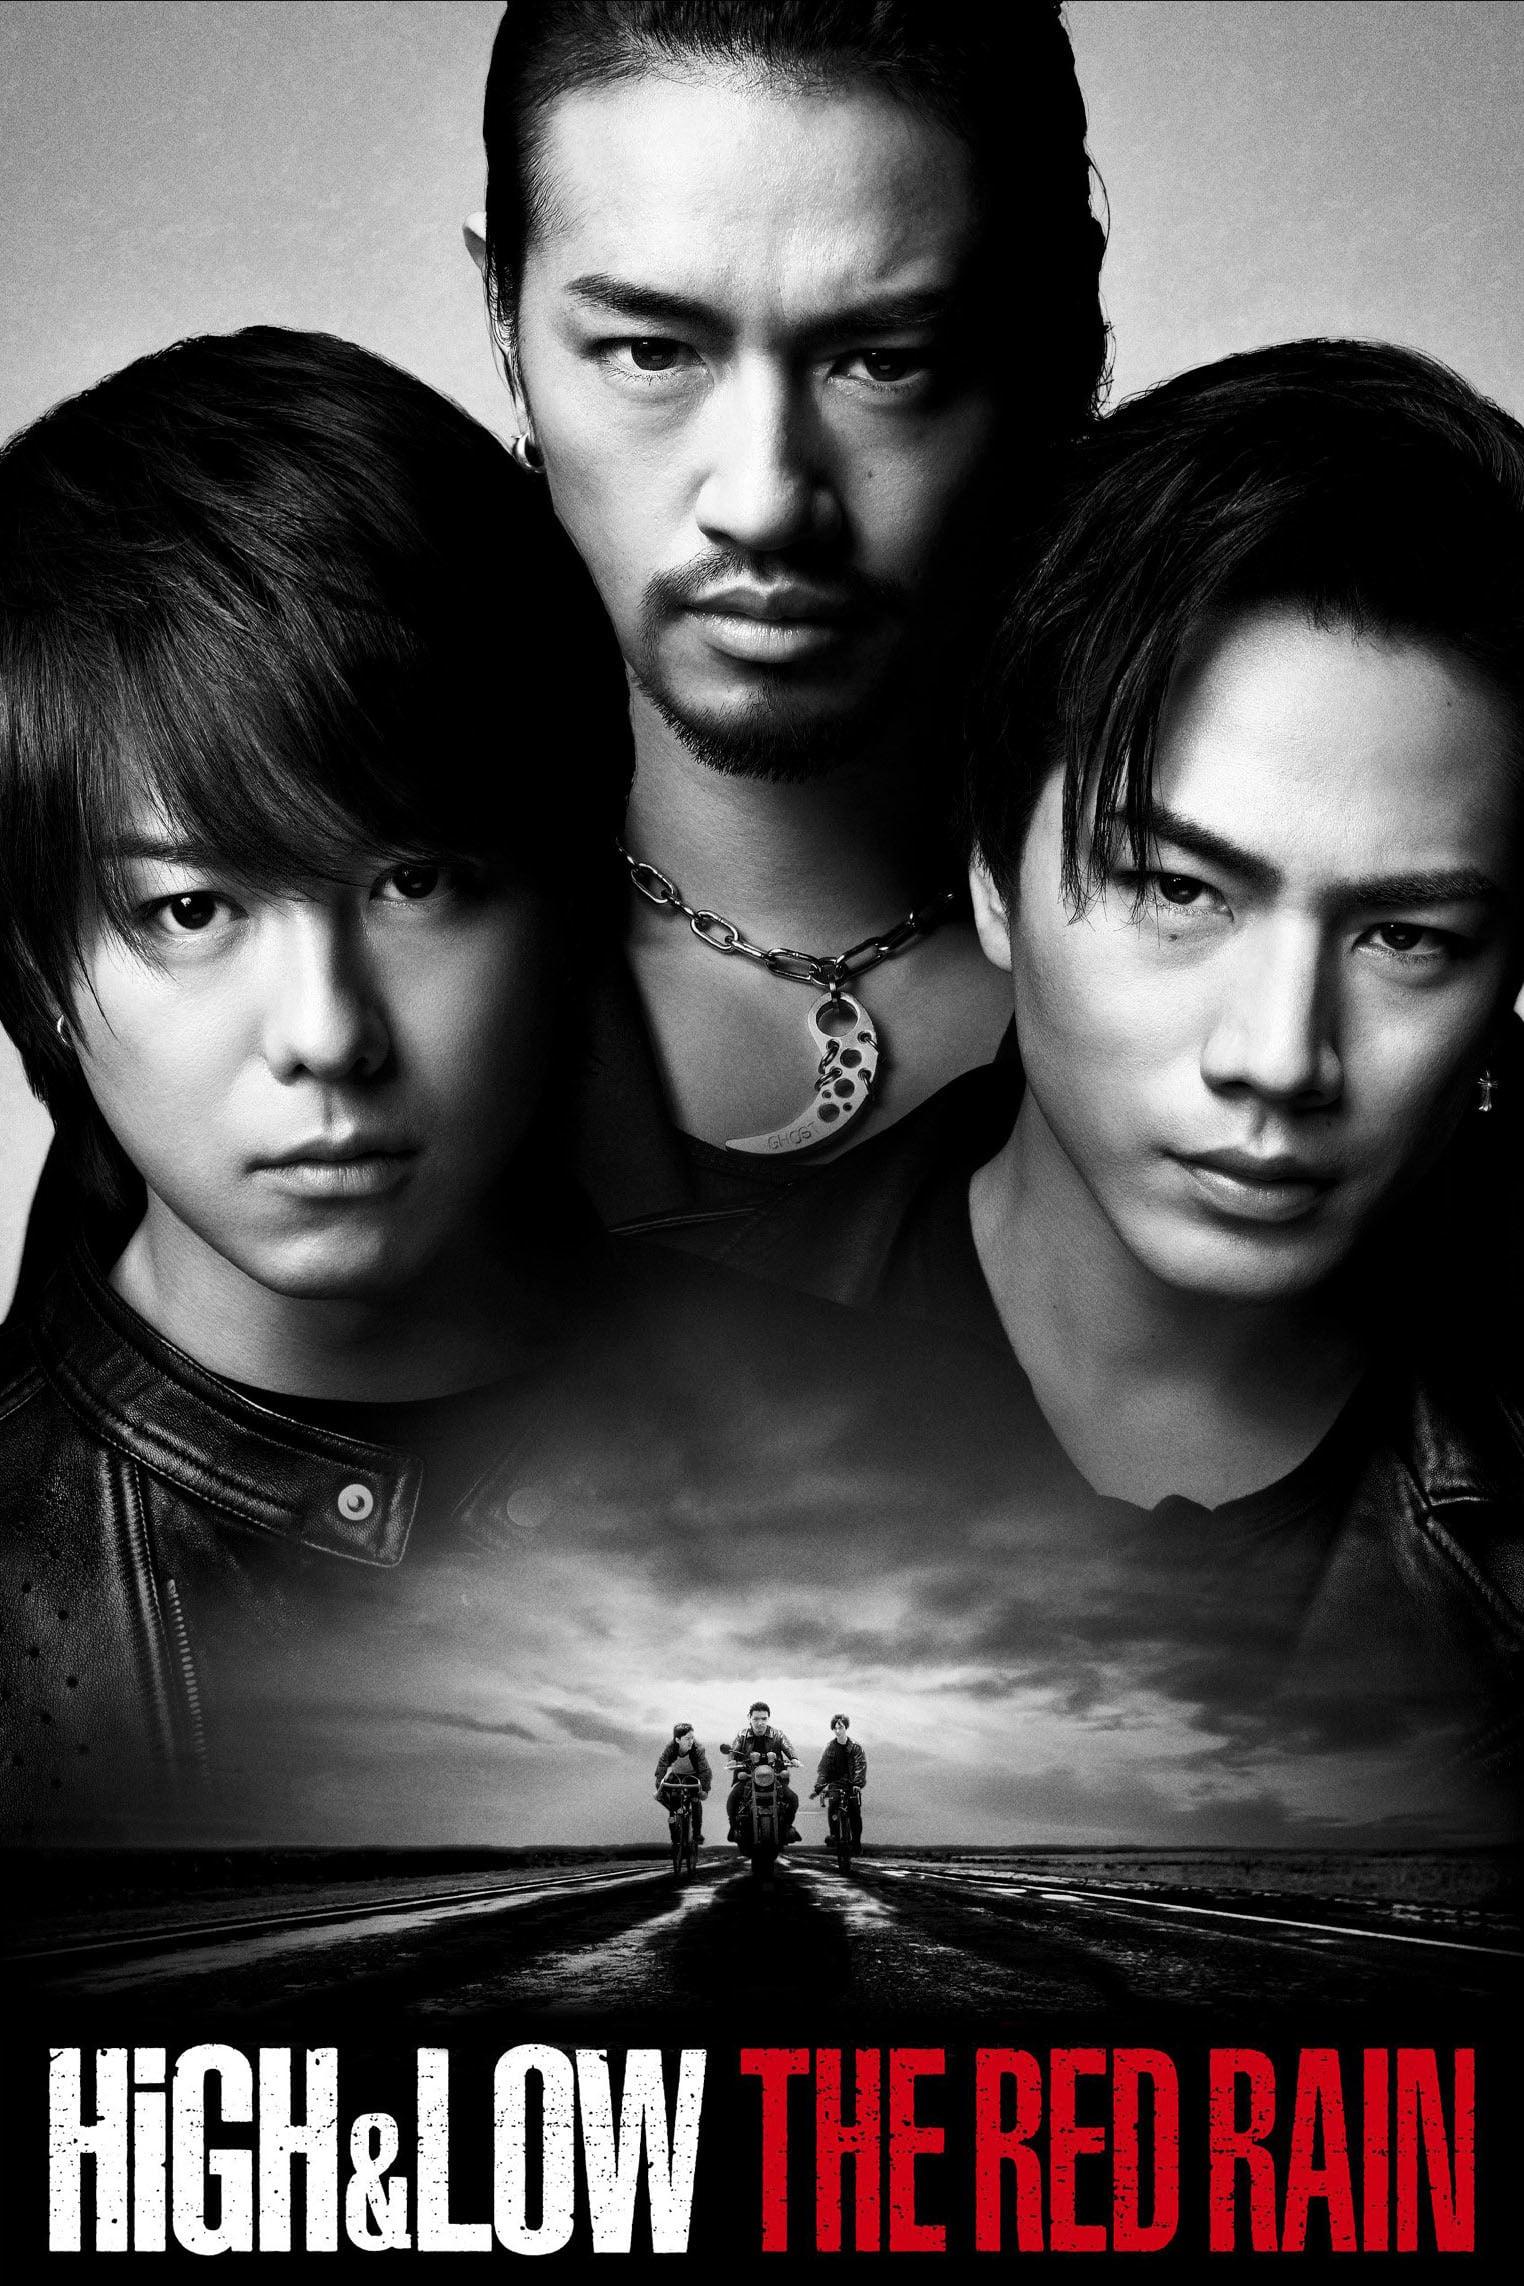 热血街区电影版2:红雨篇 HiGH&LOW THE RED RAIN (2016) Netflix 中文字幕